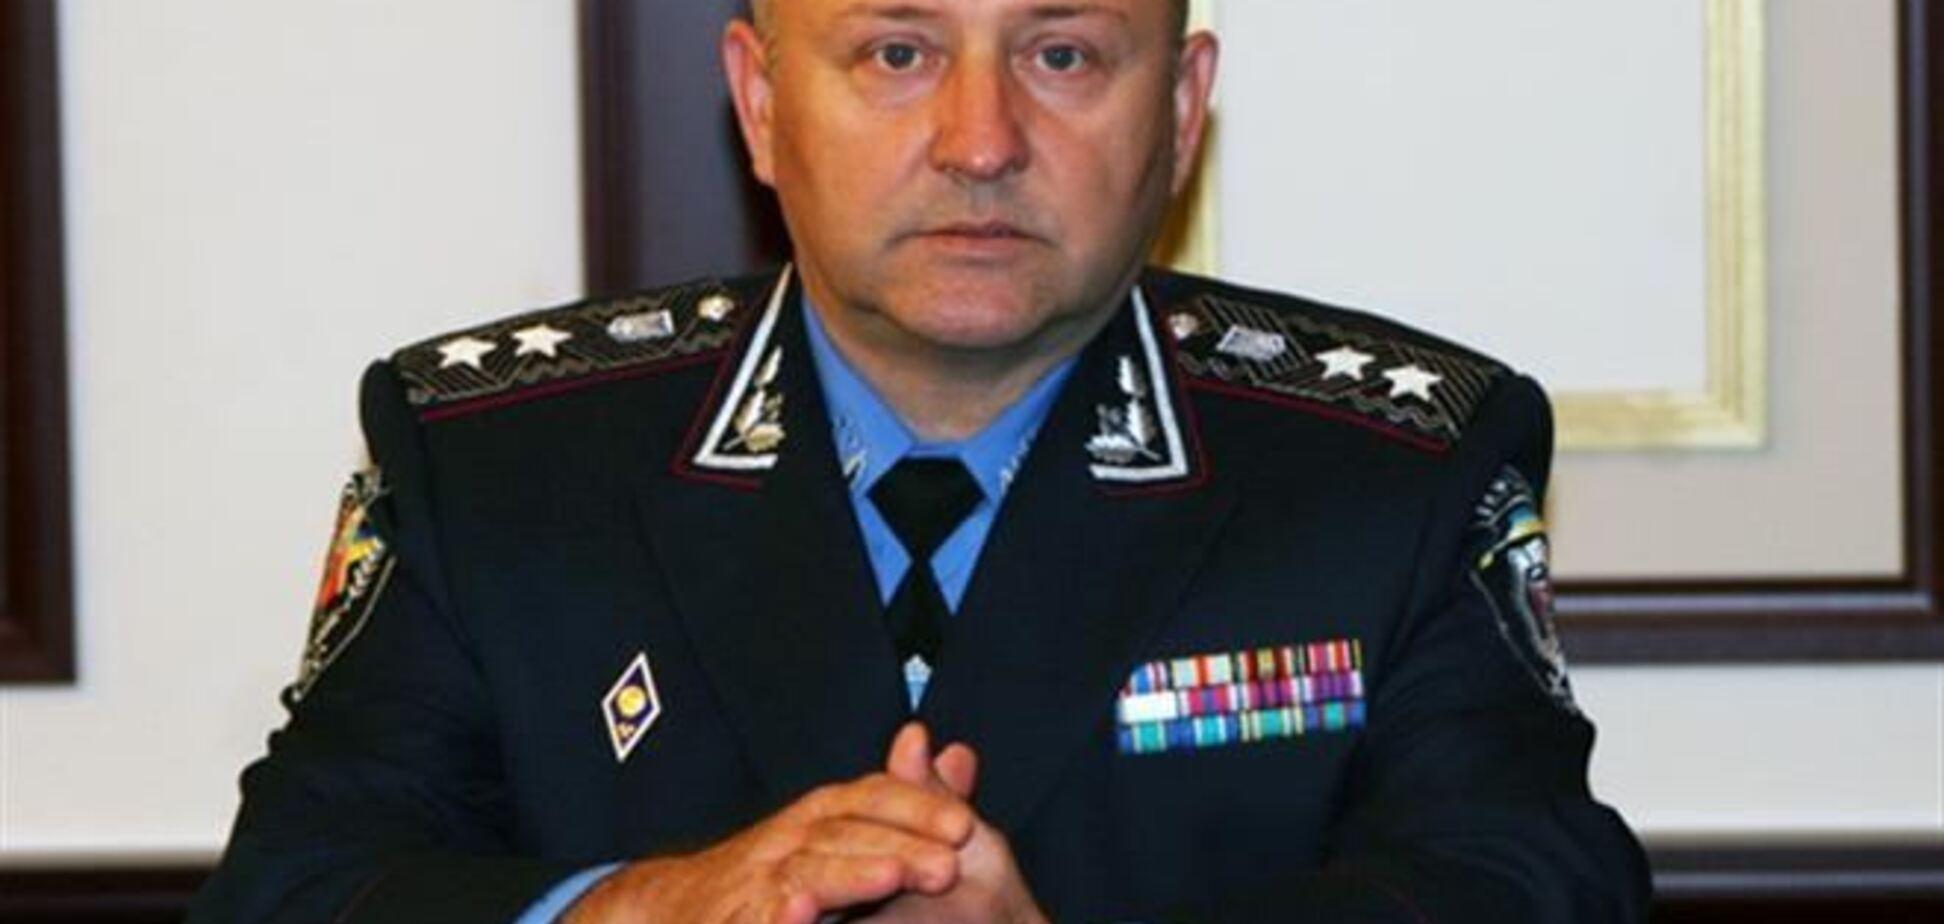 Начальник киевской милиции взял на себя ответственность за разгон Евромайдана